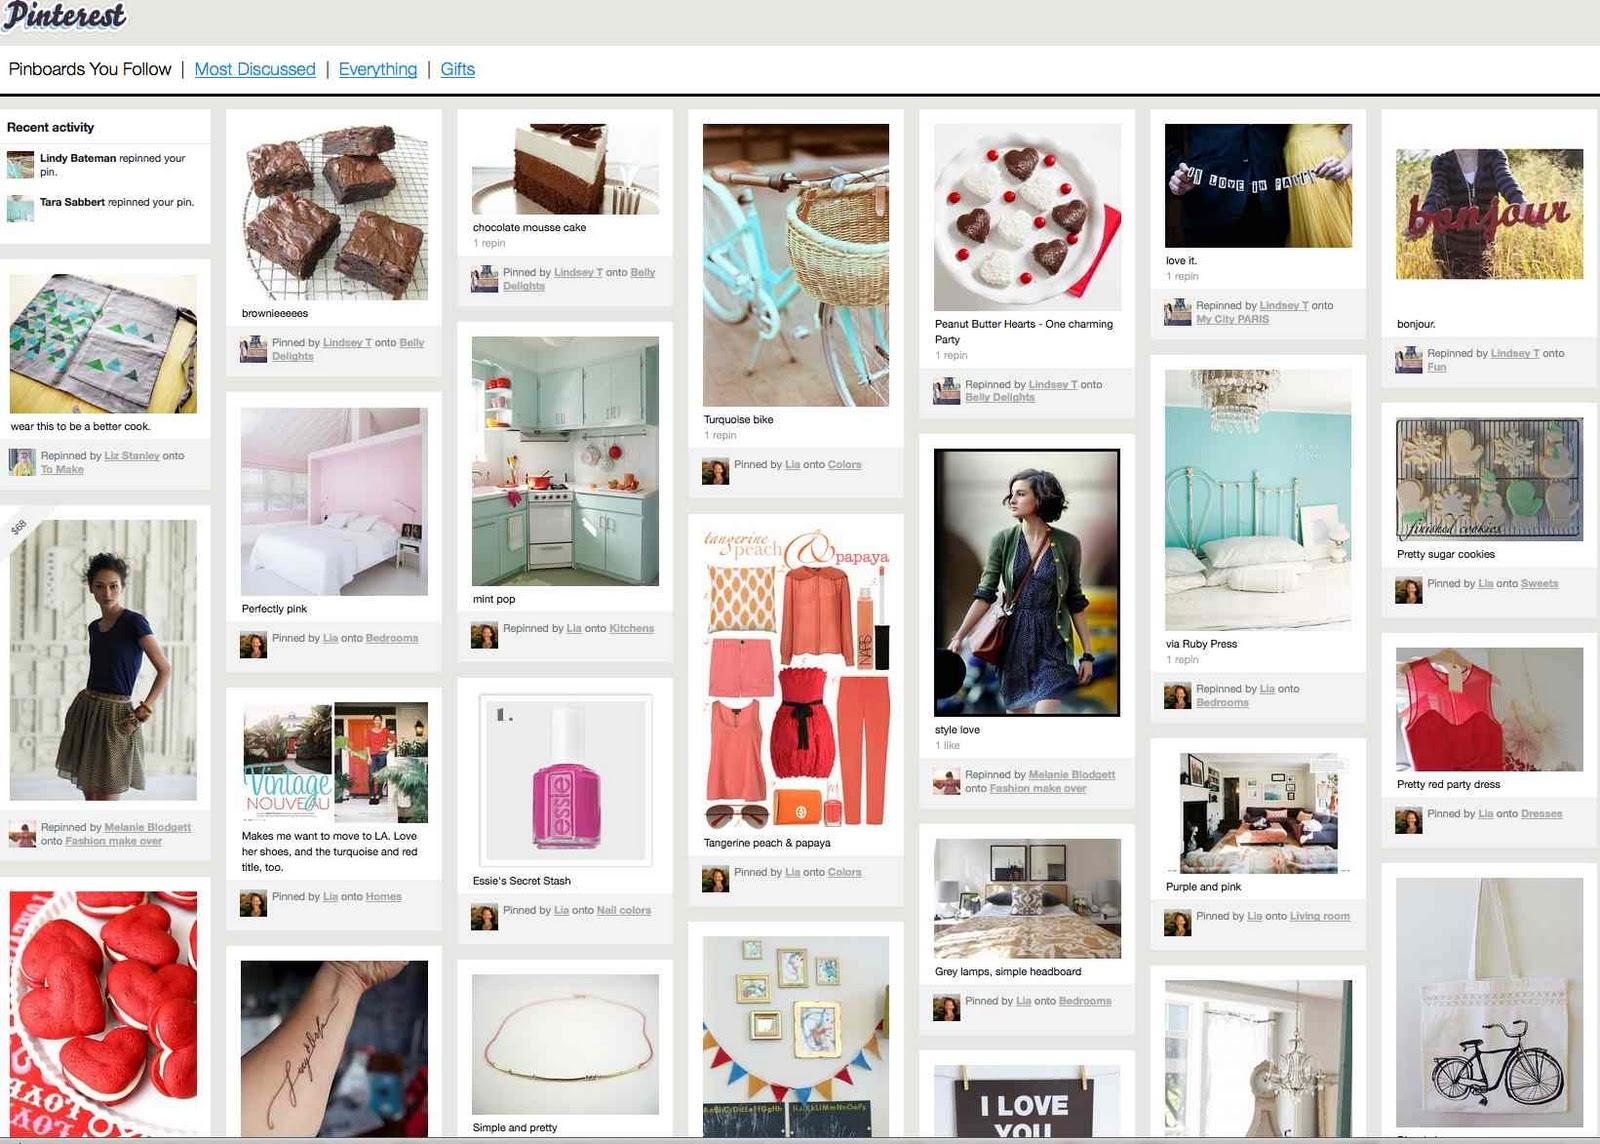 Pinterest вошел в топ-3 соцсетей США по количеству пользователей